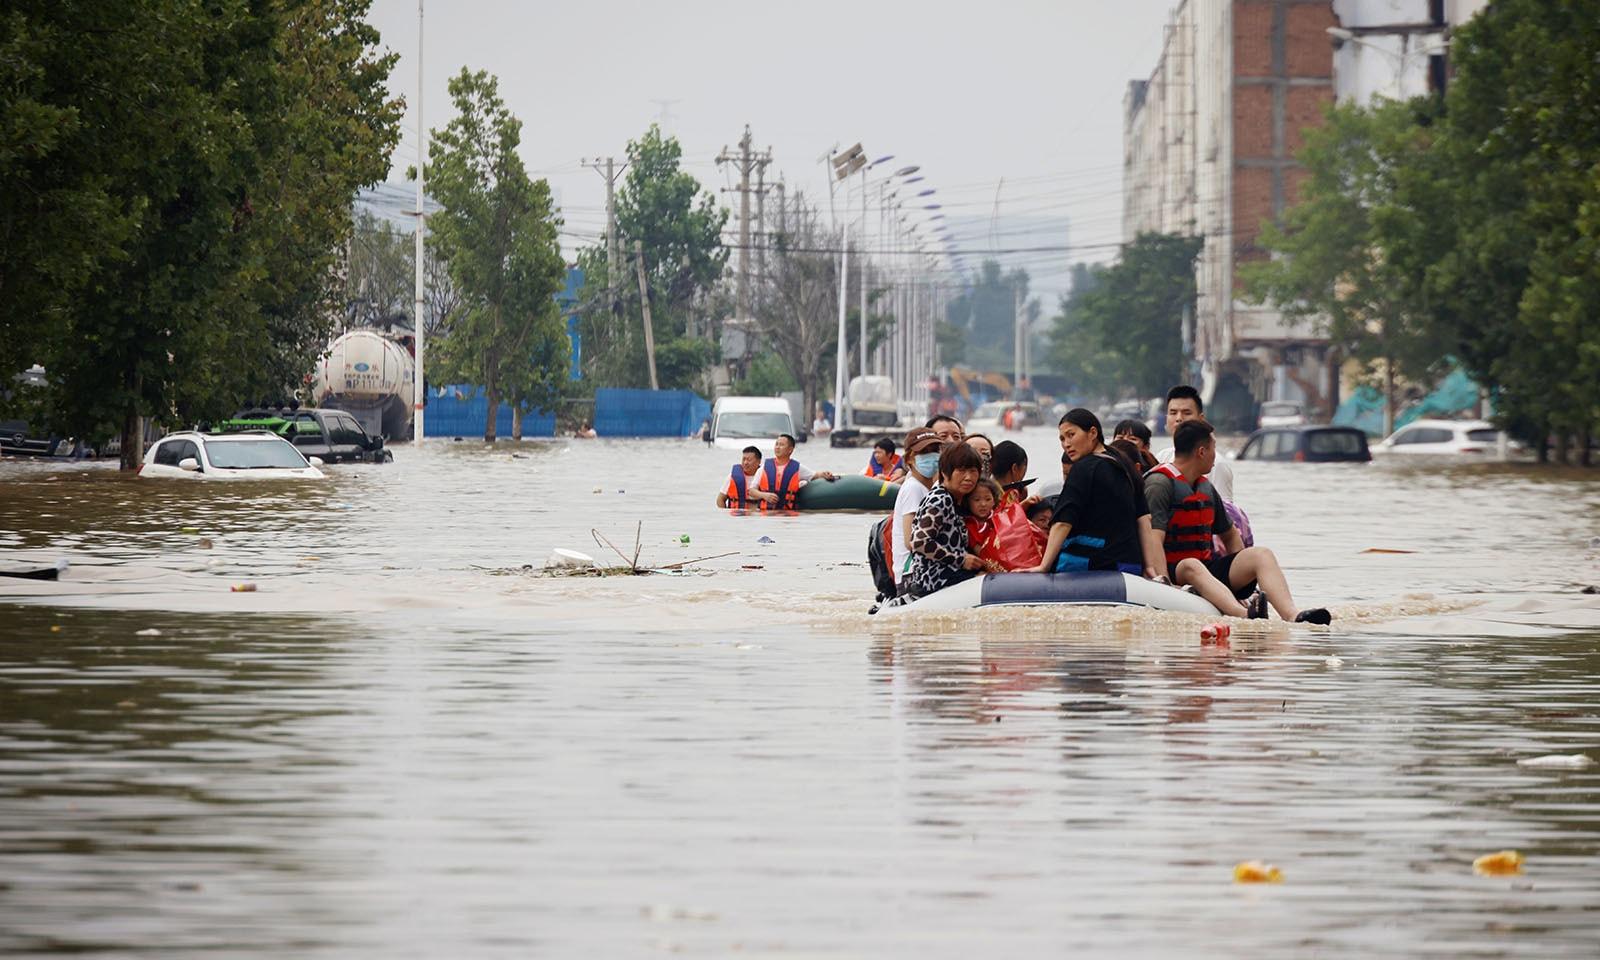 رہائشیوں کو ربر کی کشتیوں کی مدد سے بھی متاثرہ علاقے سے منتقل کیا گیا—تصویر: رائٹرز